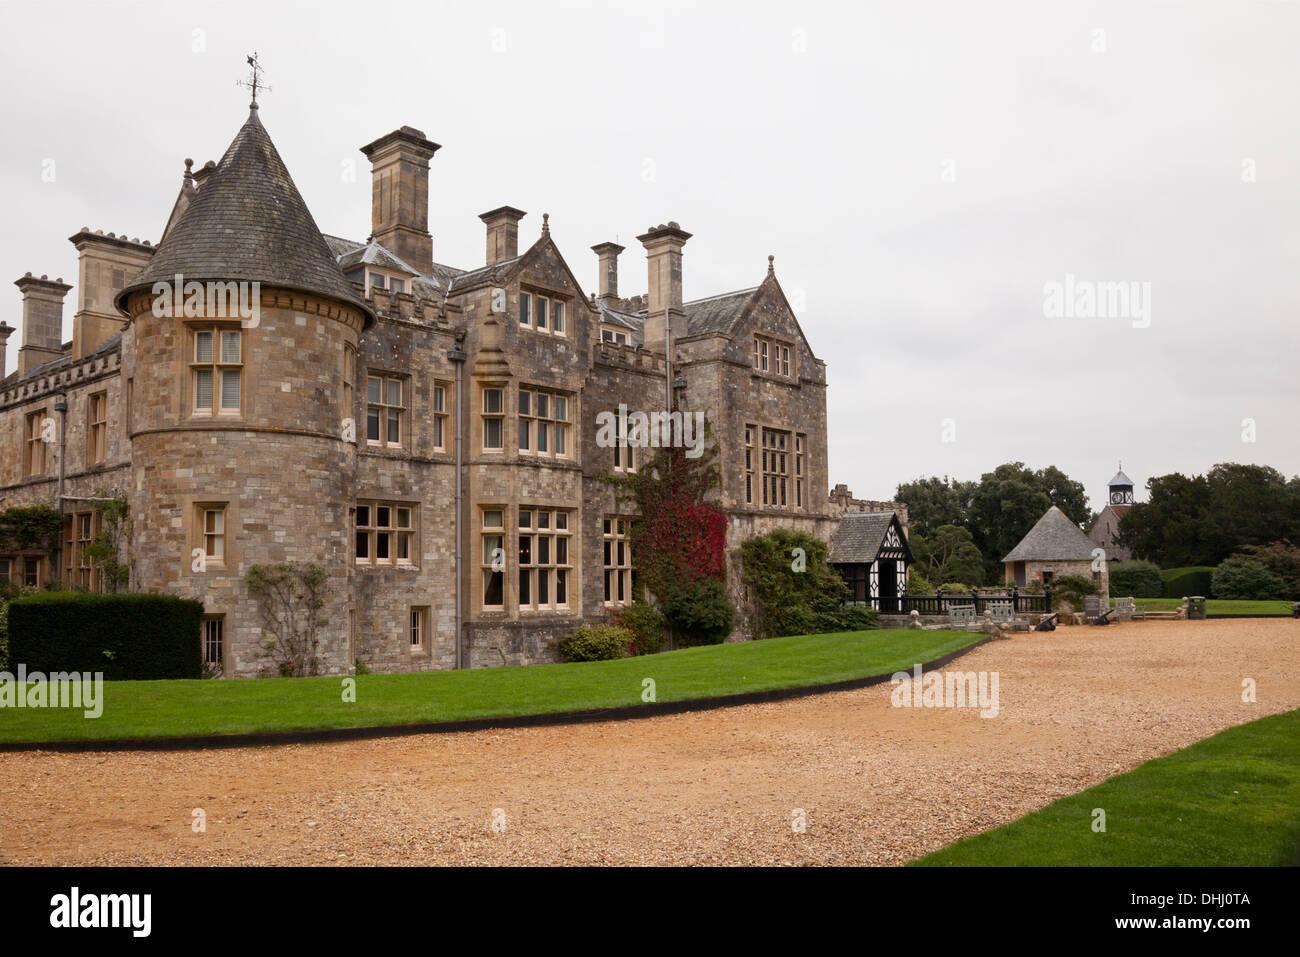 Beaulieu Palace House, Hampshire, UK Stockbild